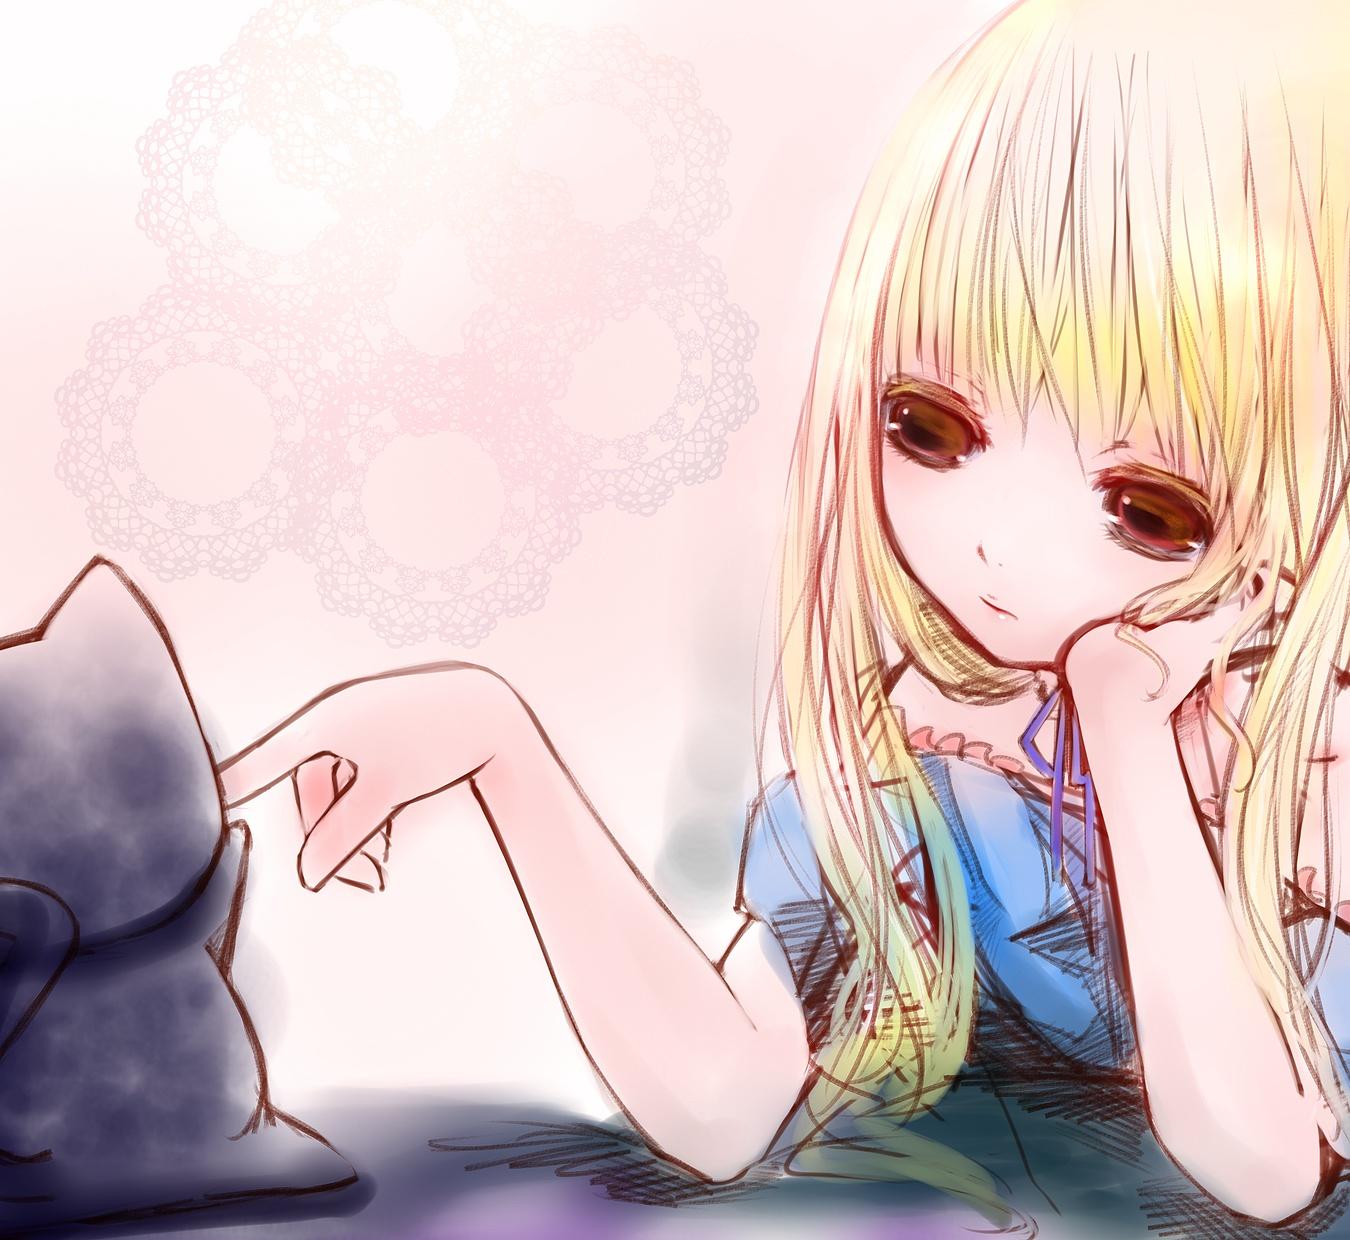 Картинки аниме грустных девочек